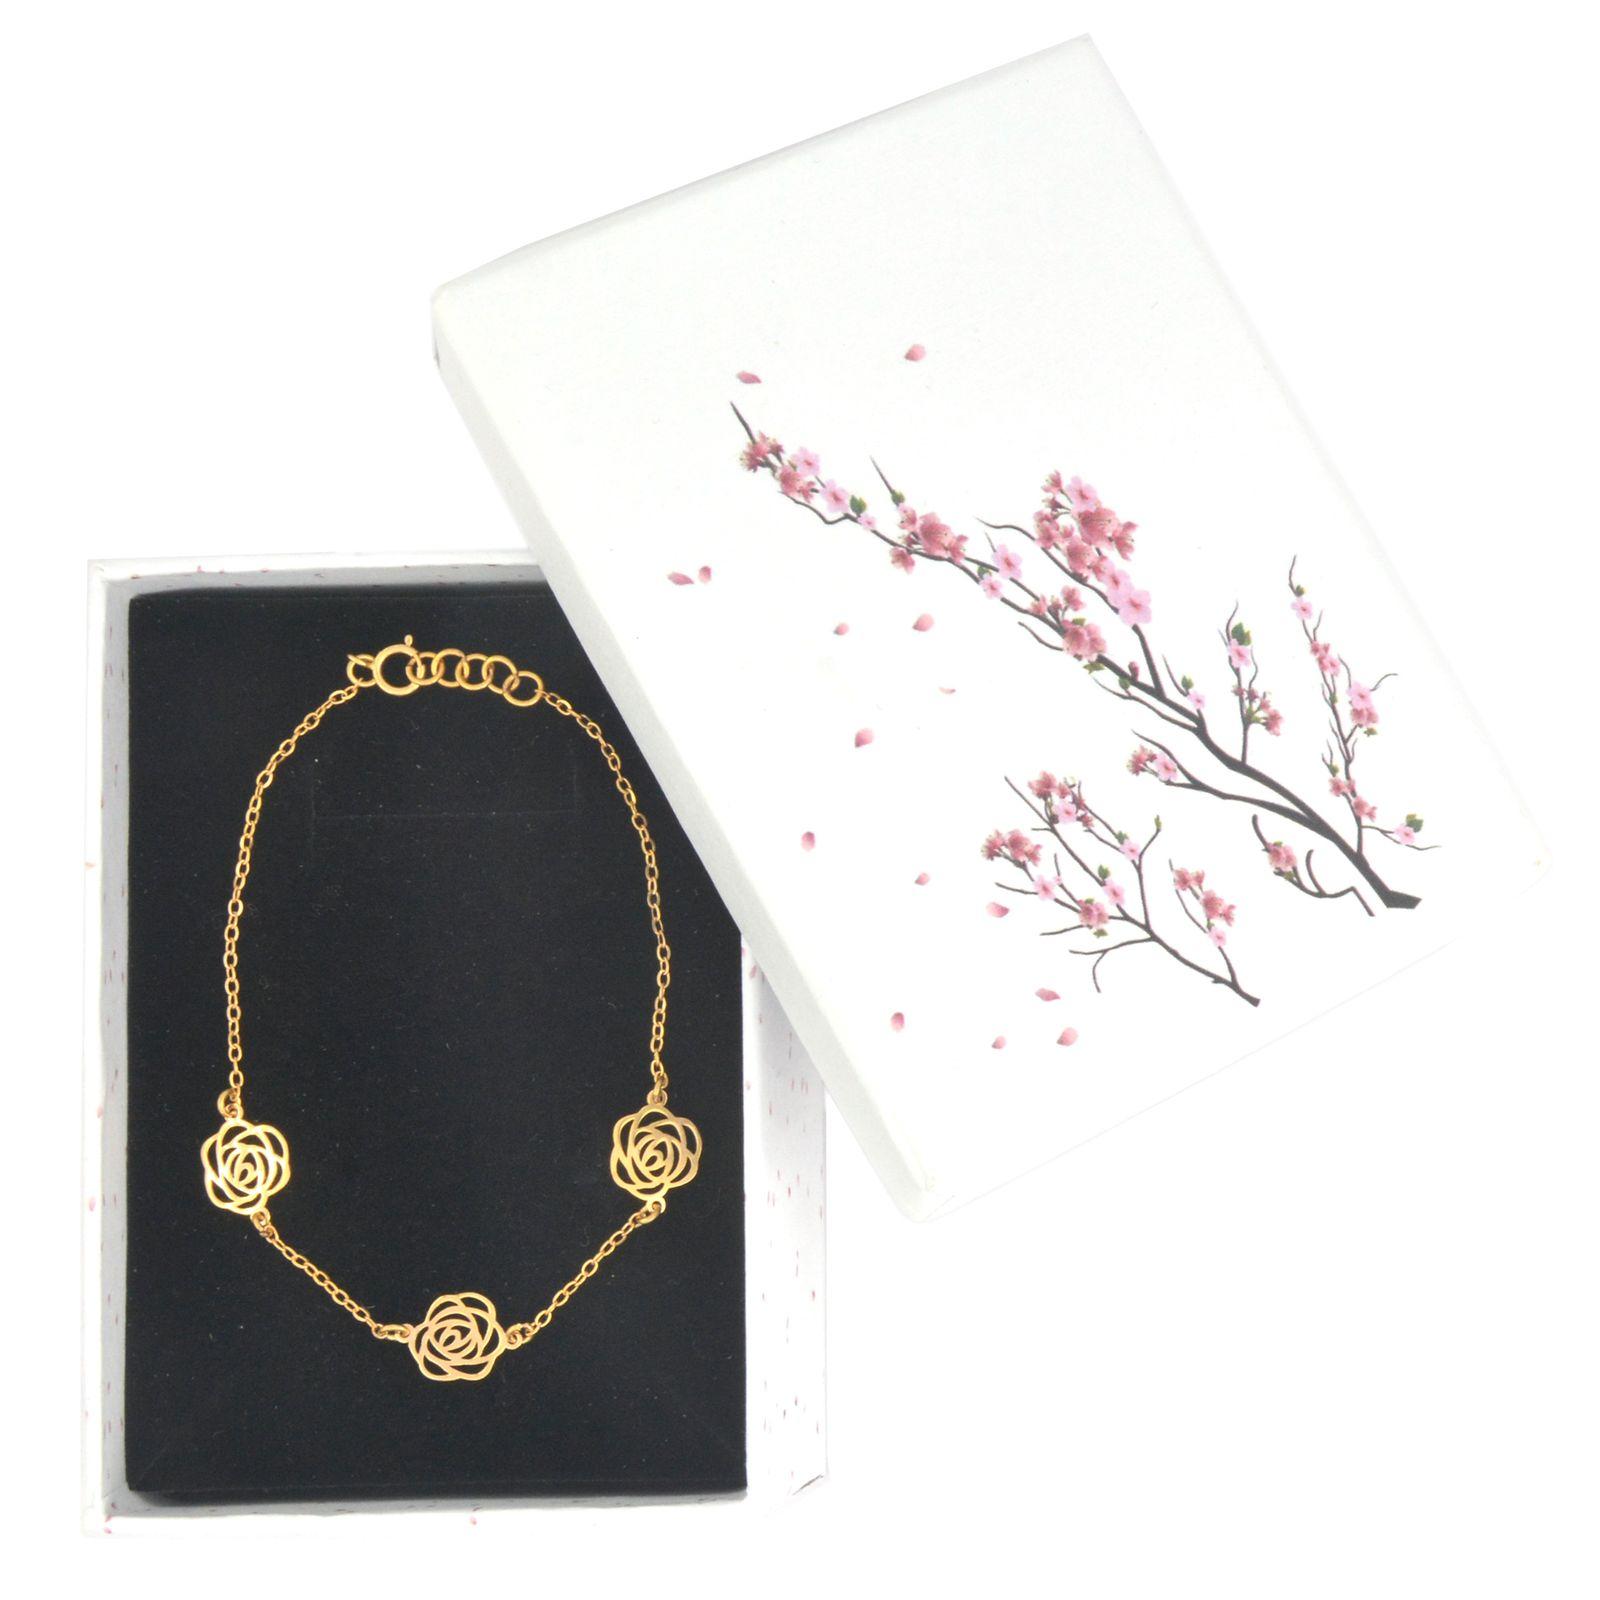 دستبند طلا 18 عیار زنانه کد 67031 -  - 3